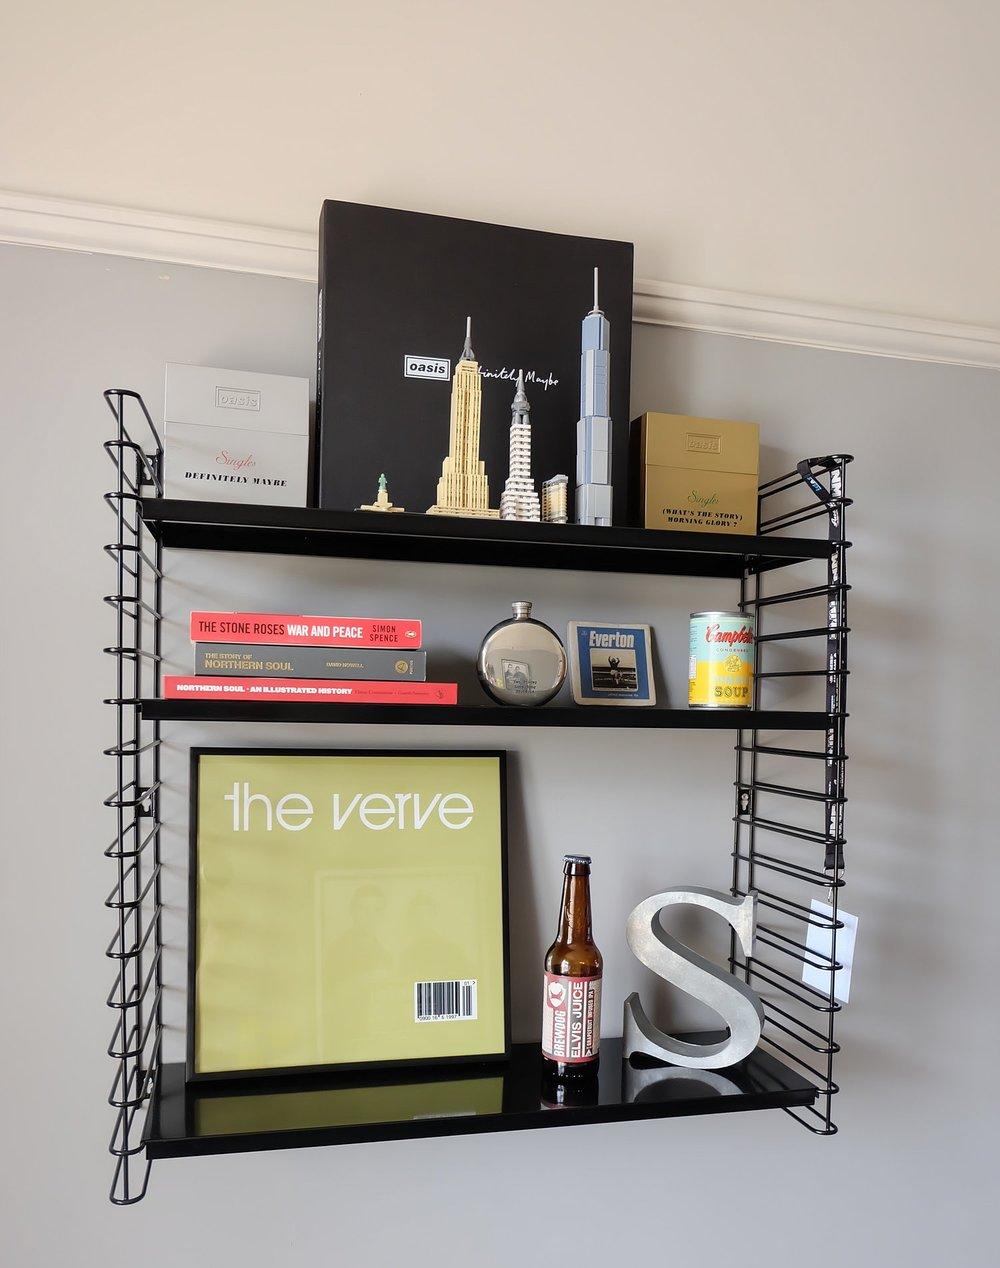 Retro style string shelves